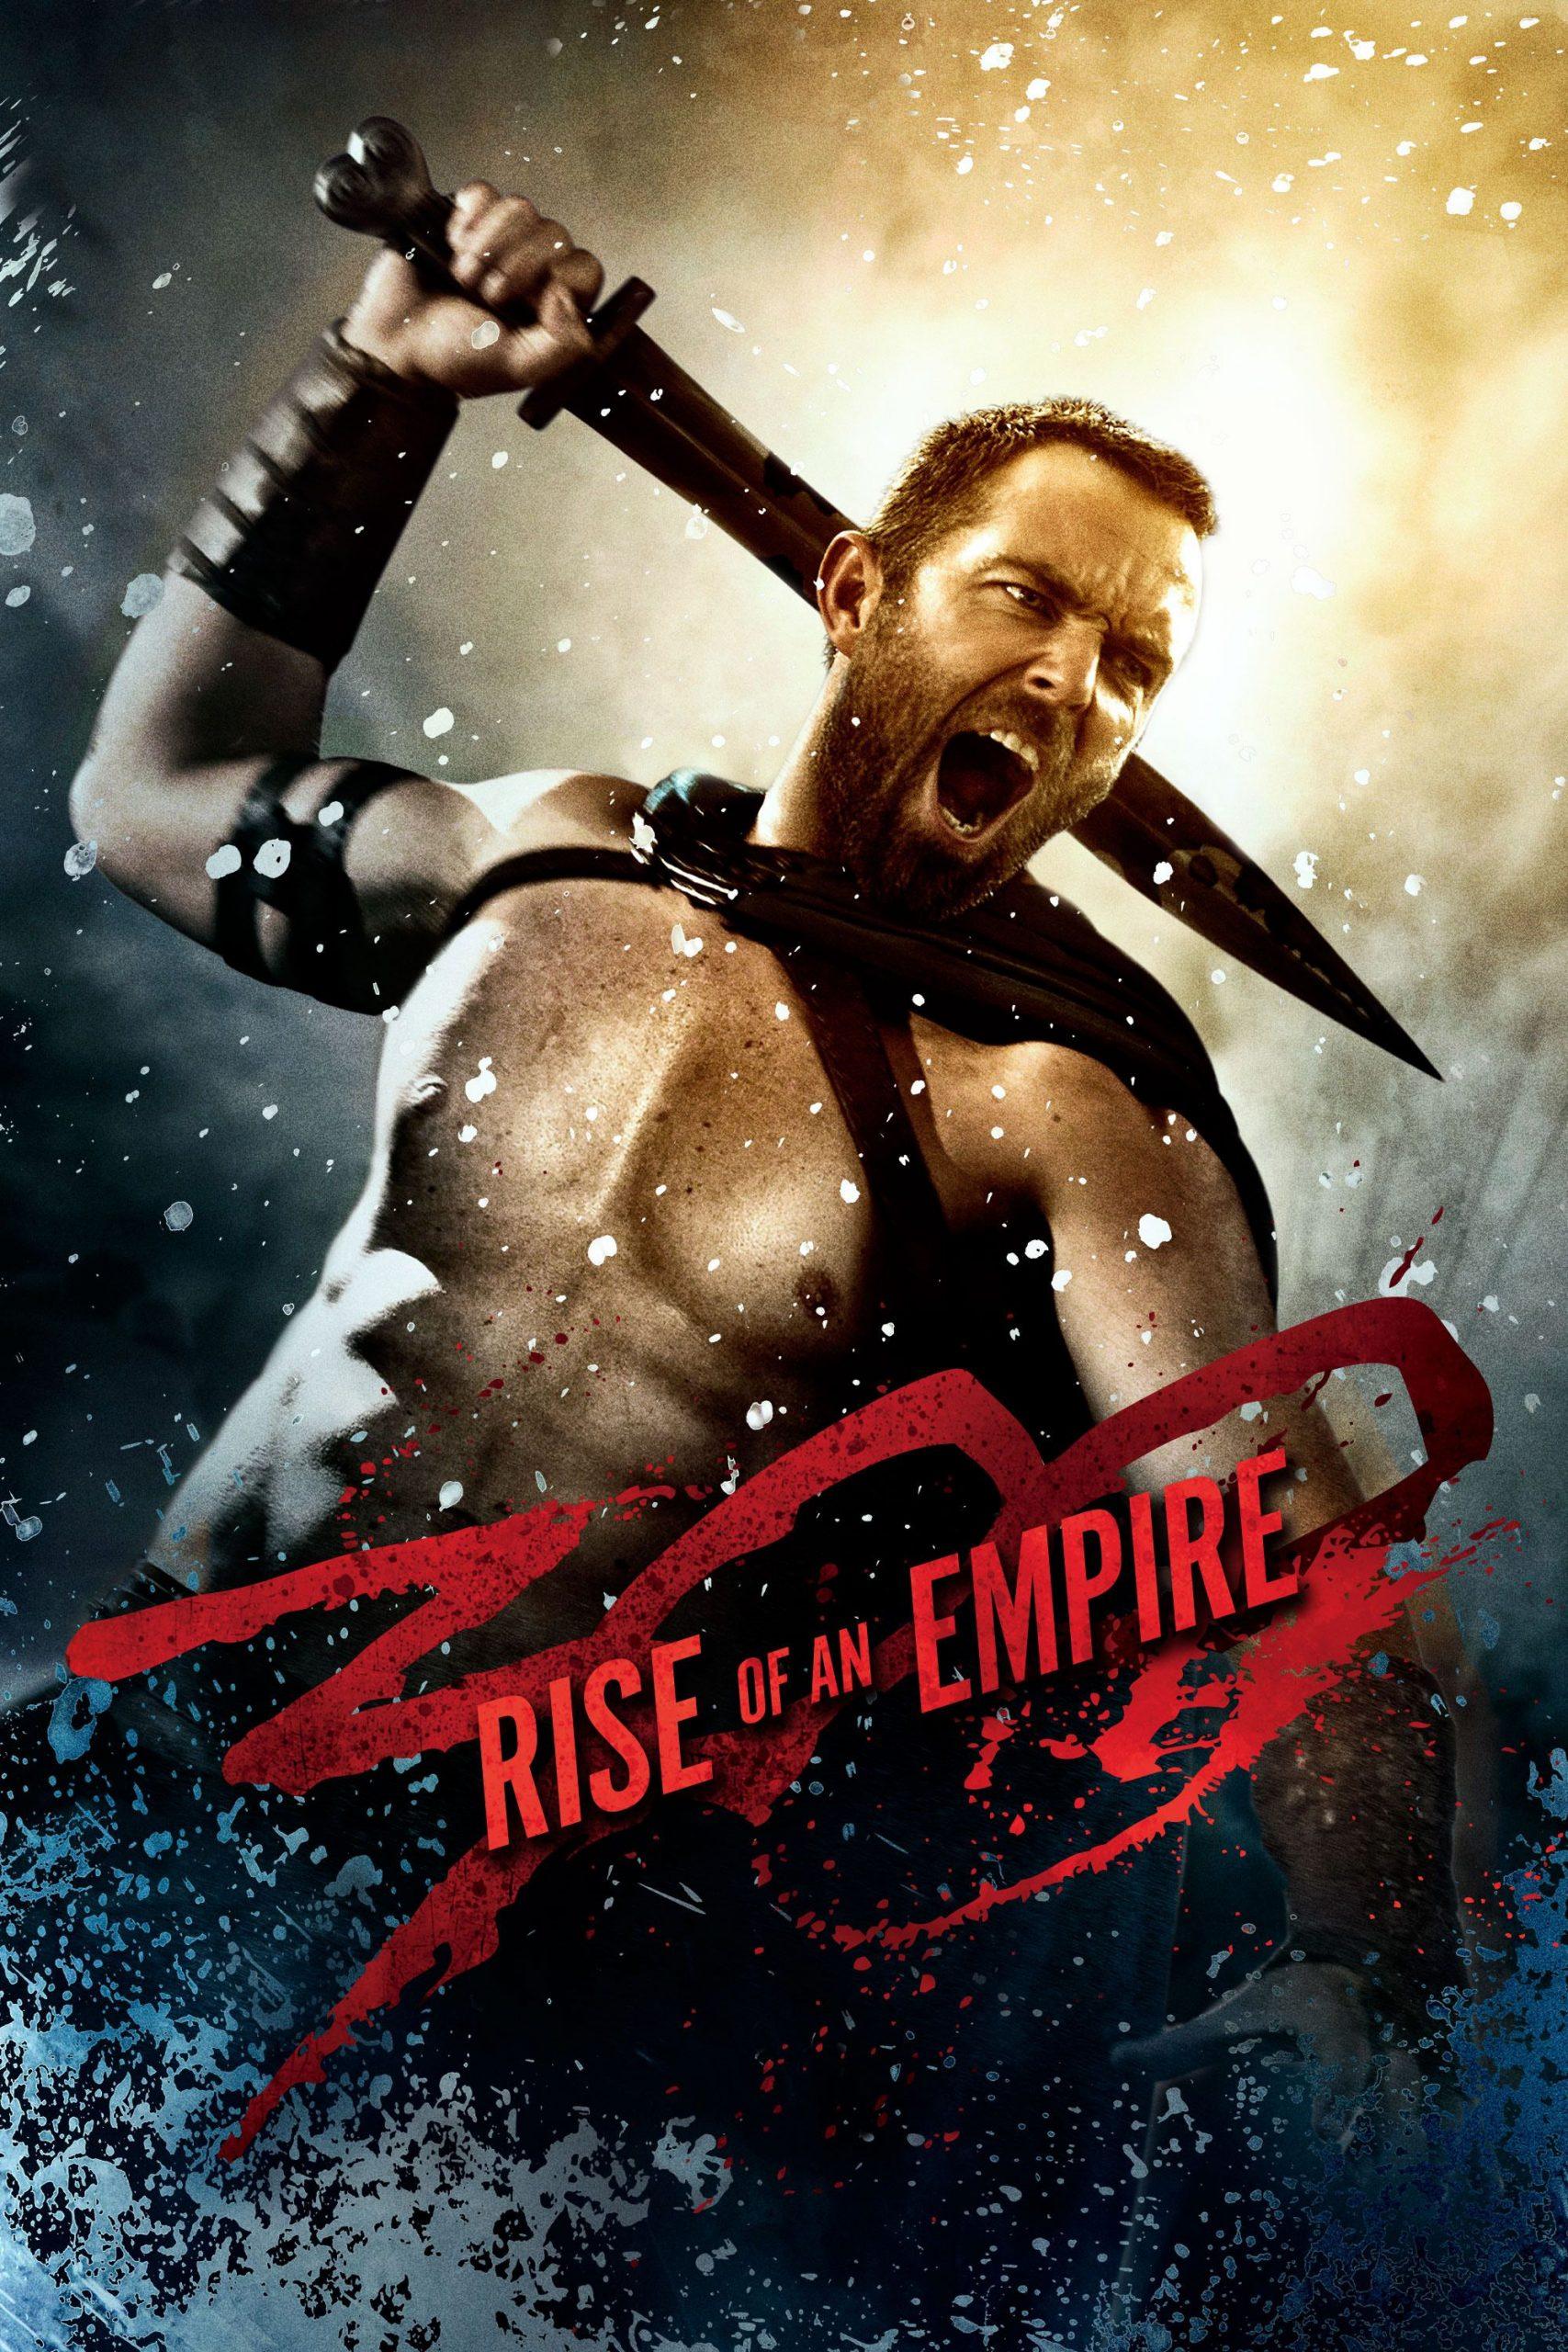 Salah satu poster film 300 Rise of An Empire yang menampilkan tokoh Themistokles, pemimpin angkatan laut Yunani dalam Pertempuran Salamis